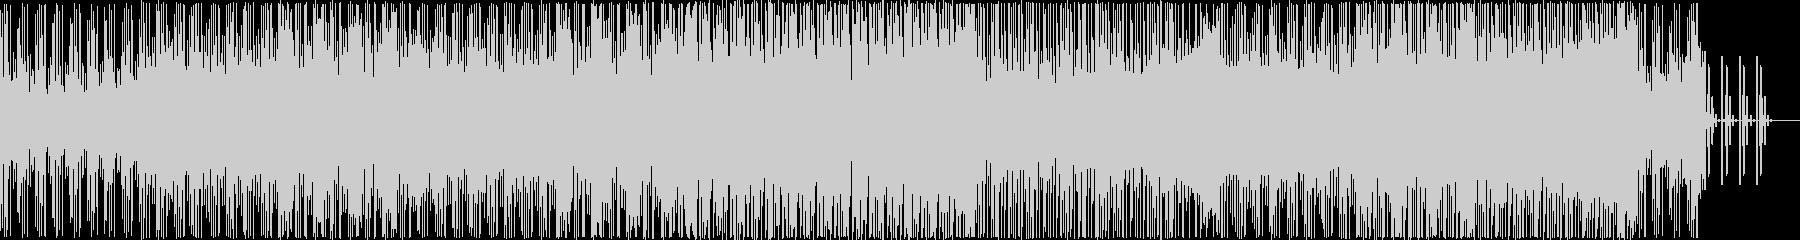 ミステリアスなテックハウスEDMの未再生の波形